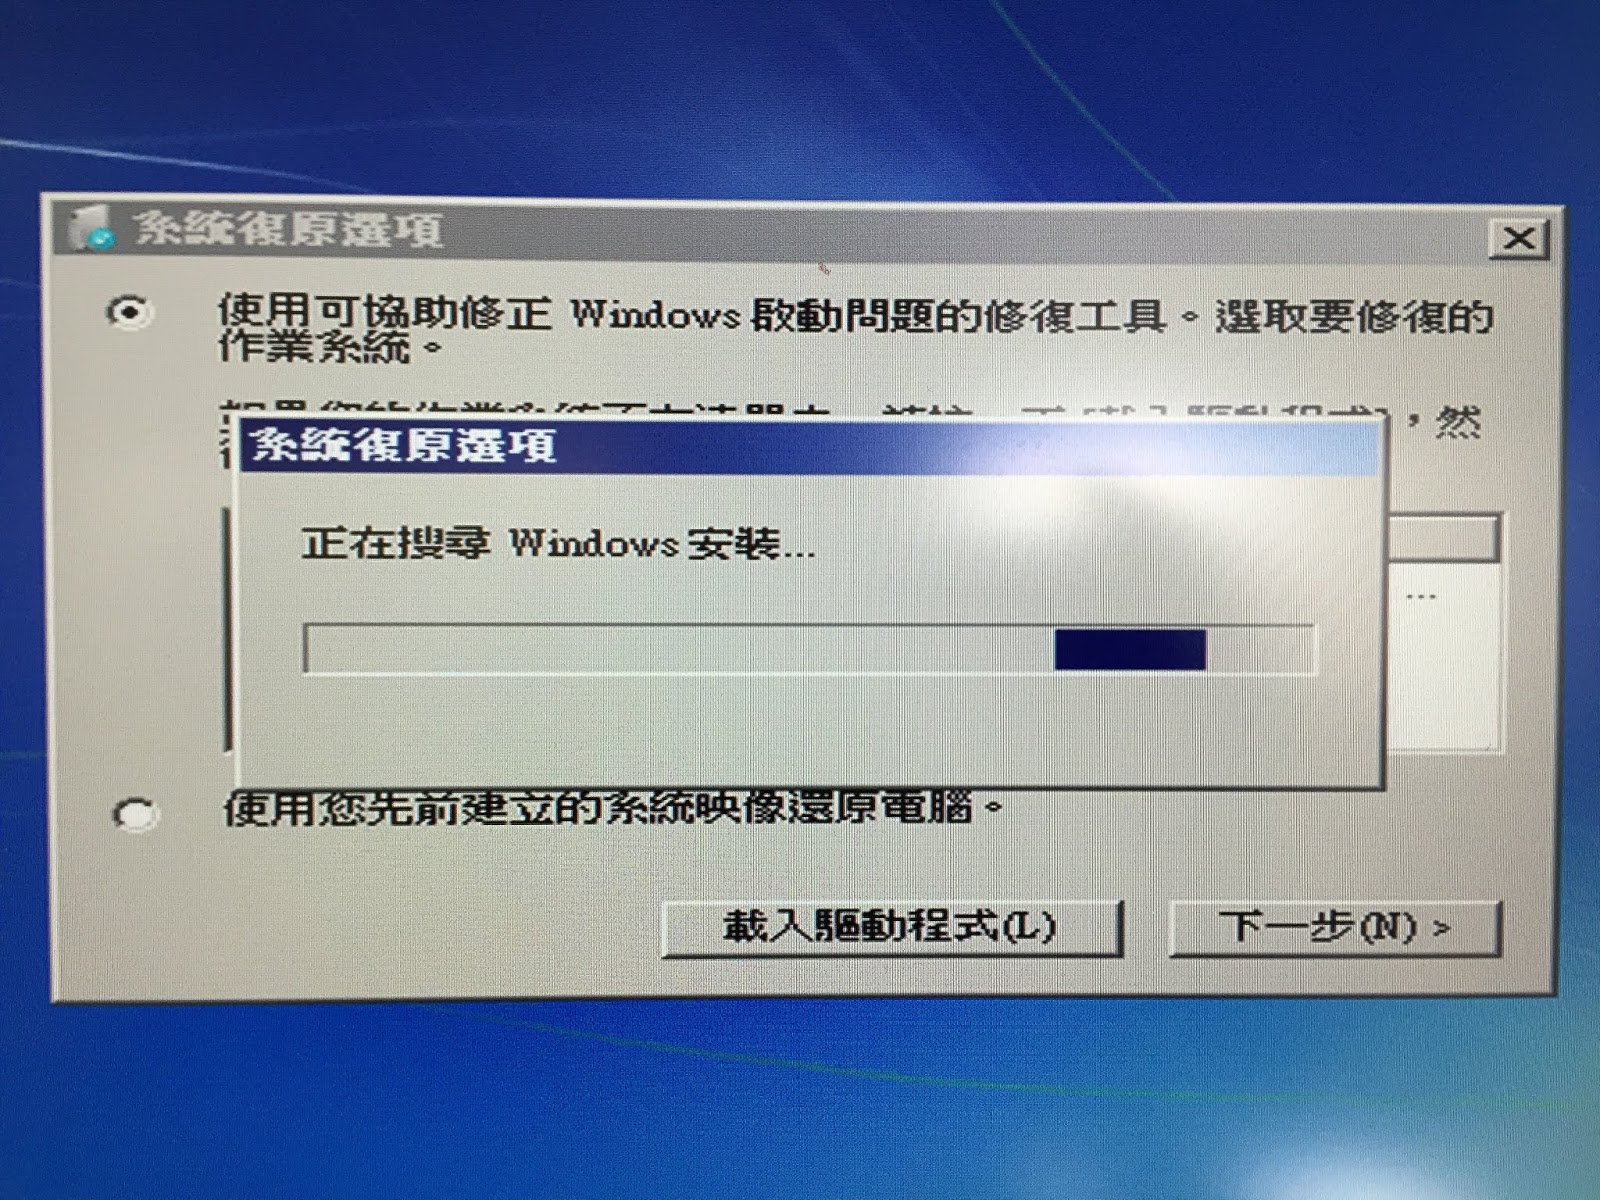 電腦魂: *維修案例*windows 7 電腦無法開機 無法進入桌面